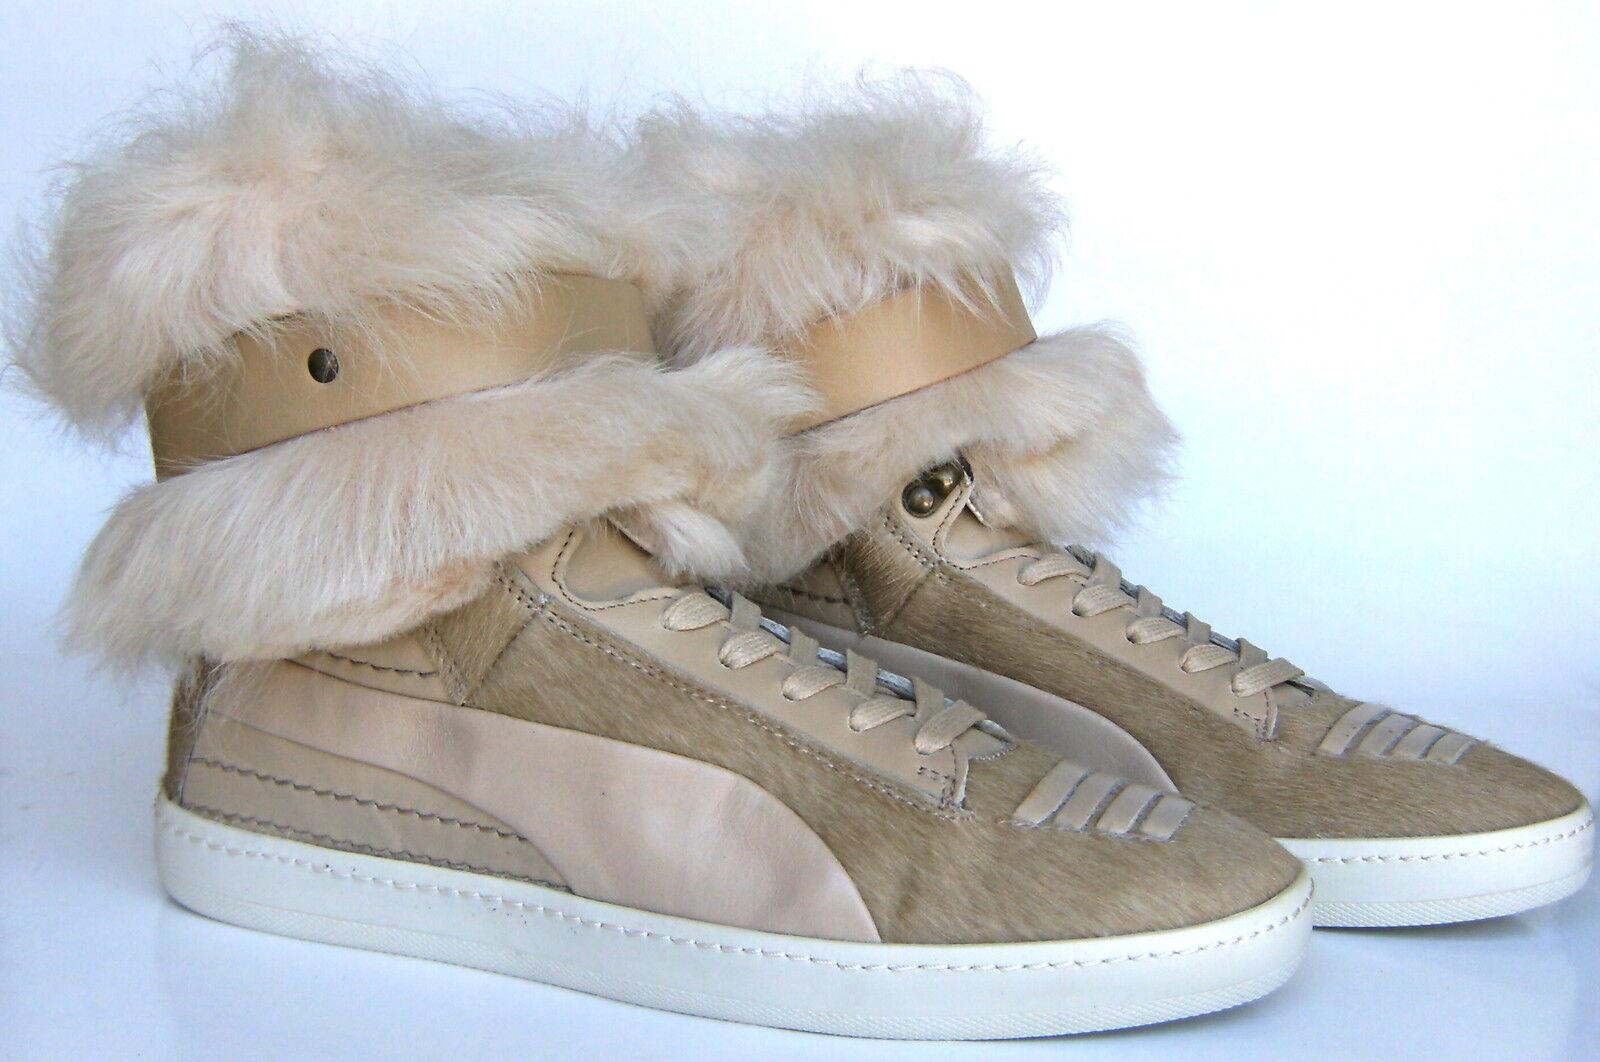 Puma Alexander McQueen fourrure Joustesse Hi baskets démarrage Chaussures Wear Wear Wear 2 Way femmes 10.5 4935ef